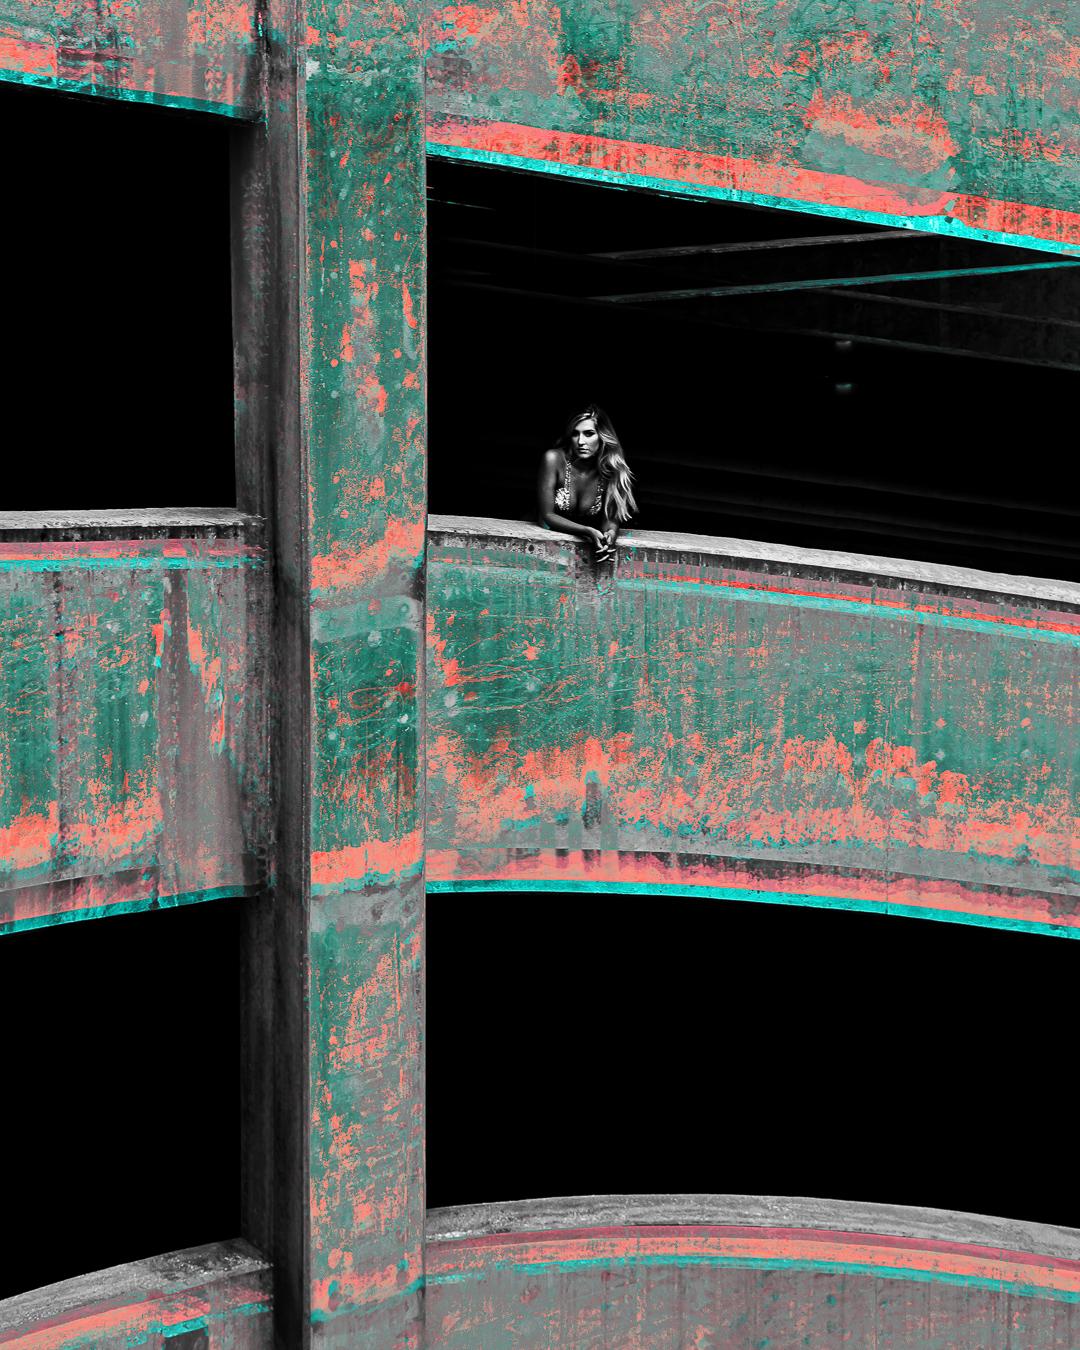 DSC09051-layered-full-2.jpg